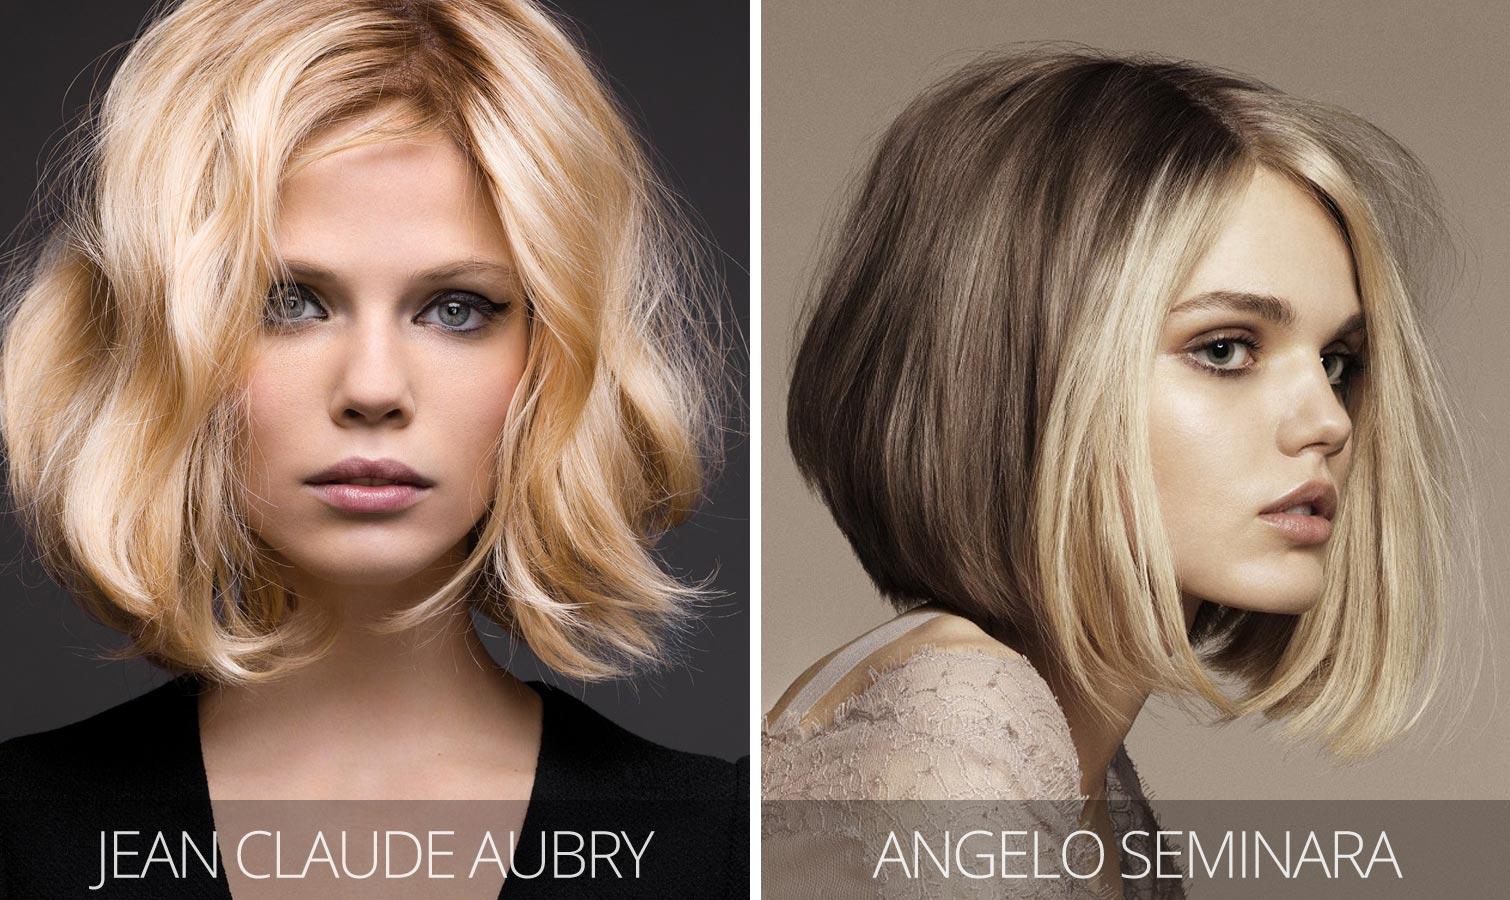 Účesy pro polodlouhé vlasy podzim/zima 2015/2016 –retro účesy 60. let jako inspirace.